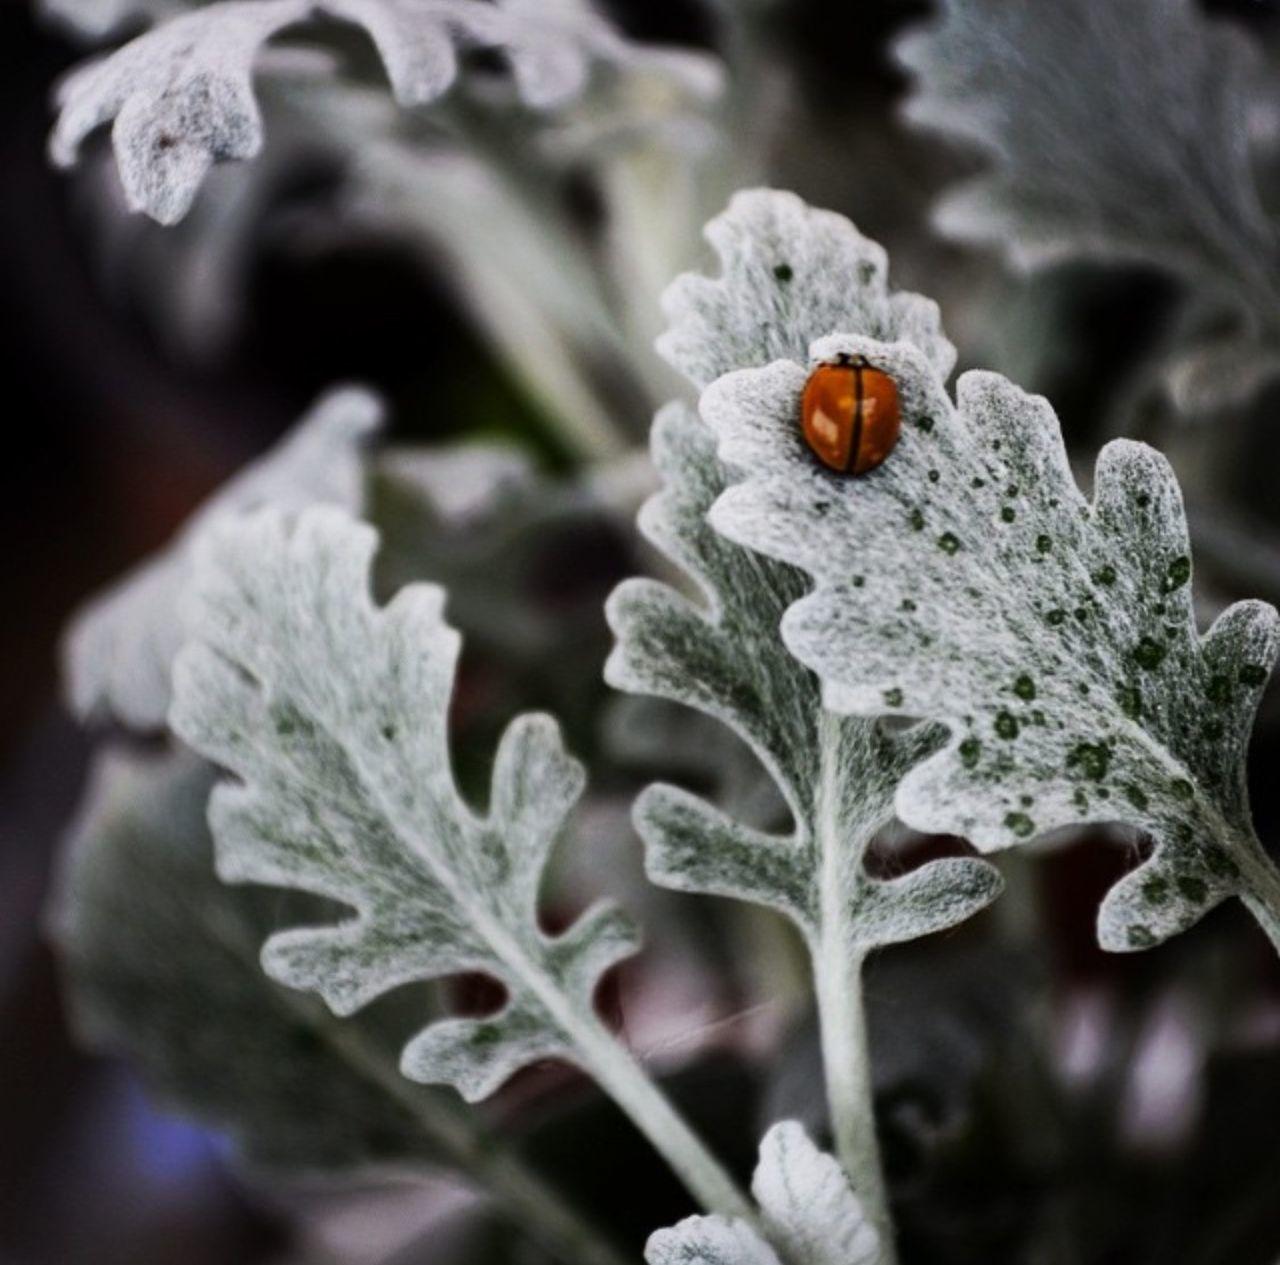 Ladybug Catarina SUERTE Good Luck Cineraria Planta NaturalezaNikon D5100  Foco Selectivo